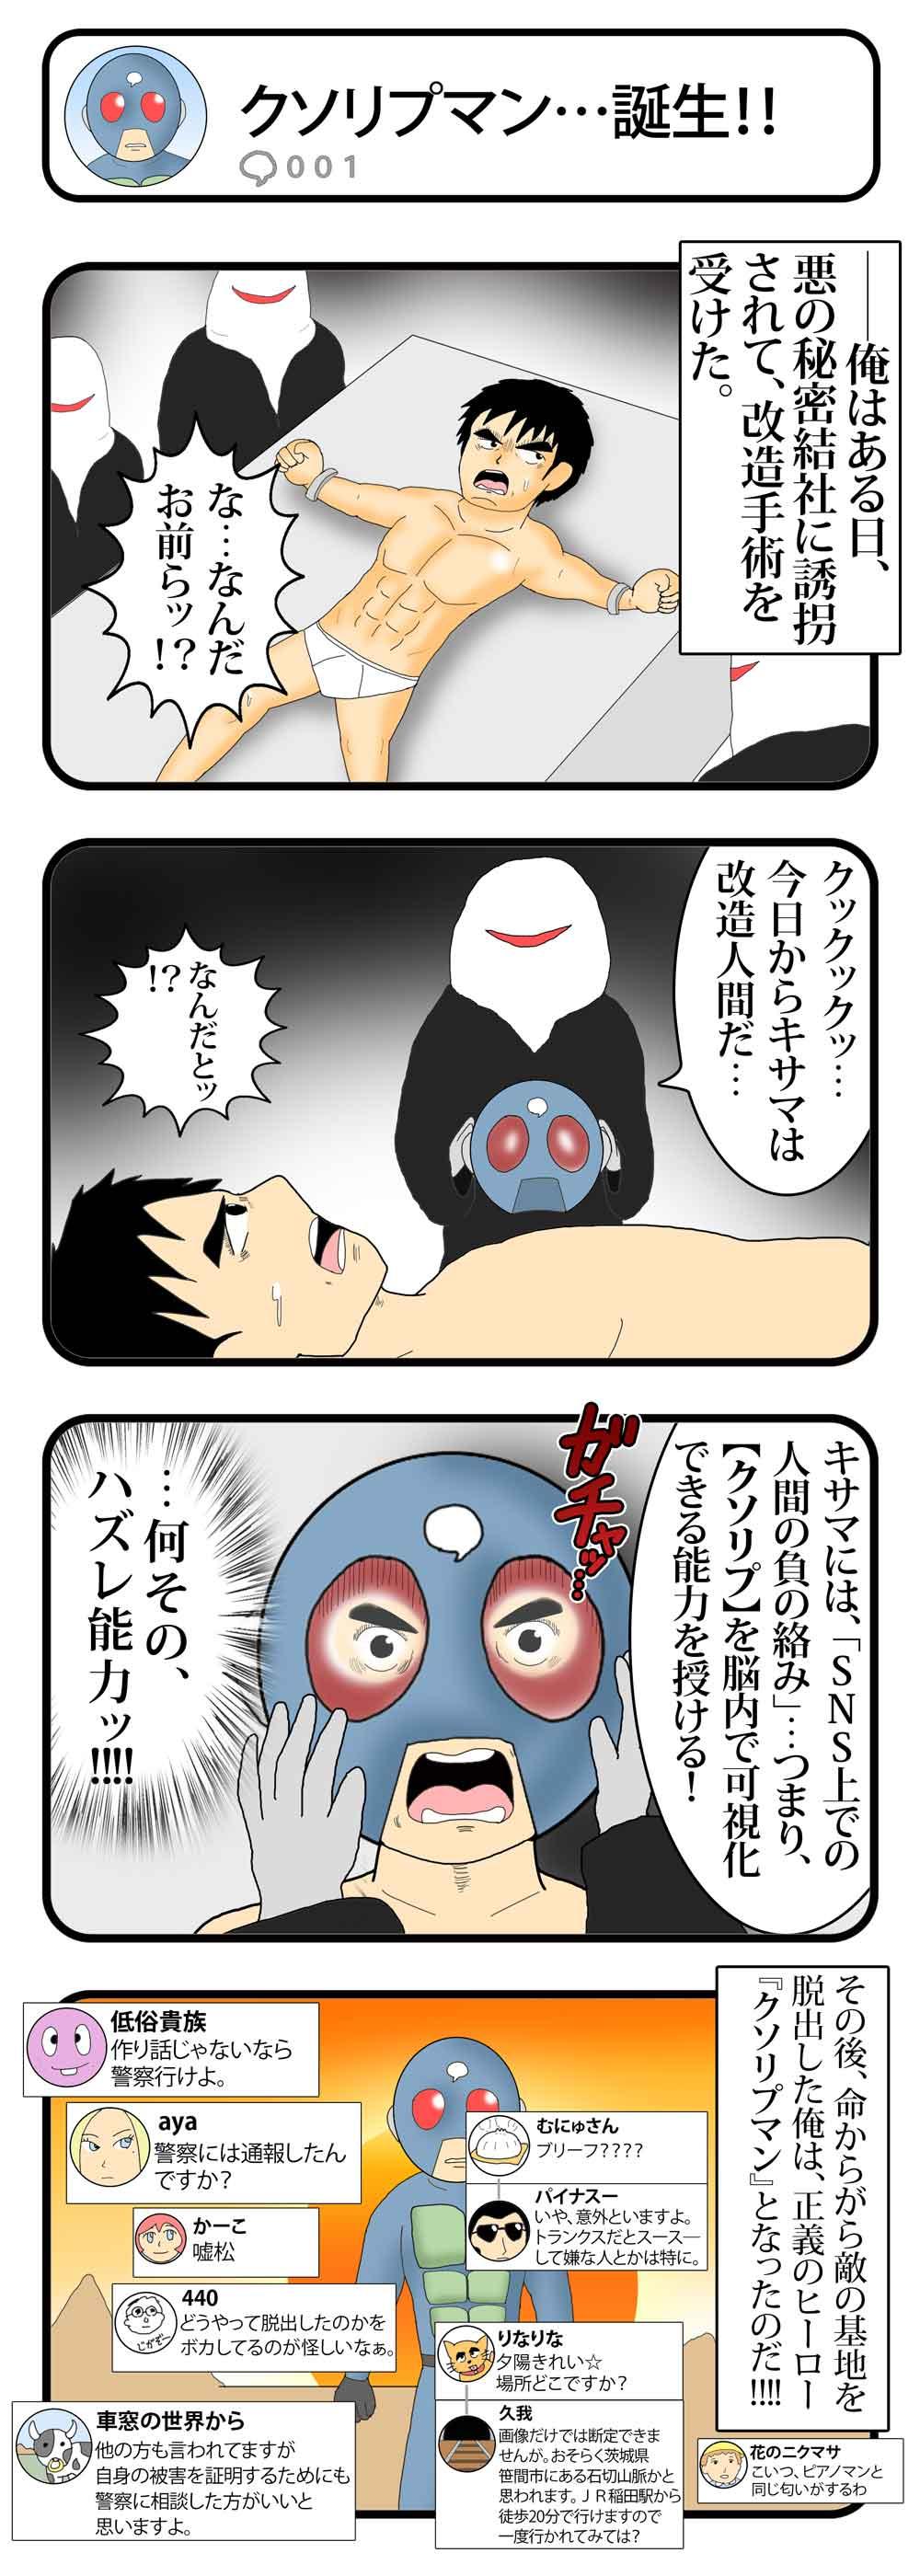 ①クソリプマン第01話Bc4